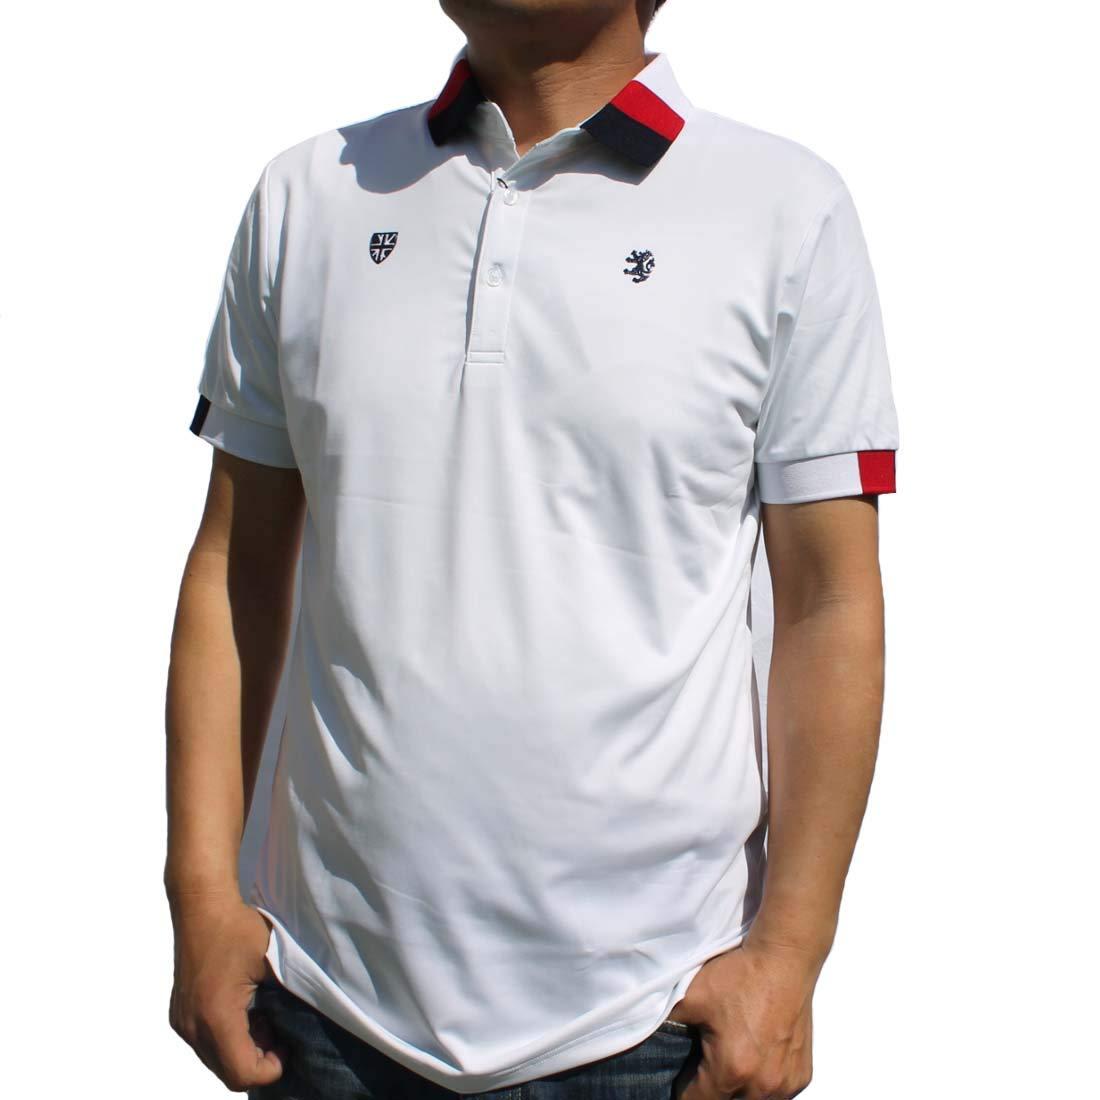 [アドミラル ゴルフ] Admiral GOLF トリコロール襟 ポロシャツ メンズ ADMA903 (M, WHITE) M ホワイト B07NHVQPQS